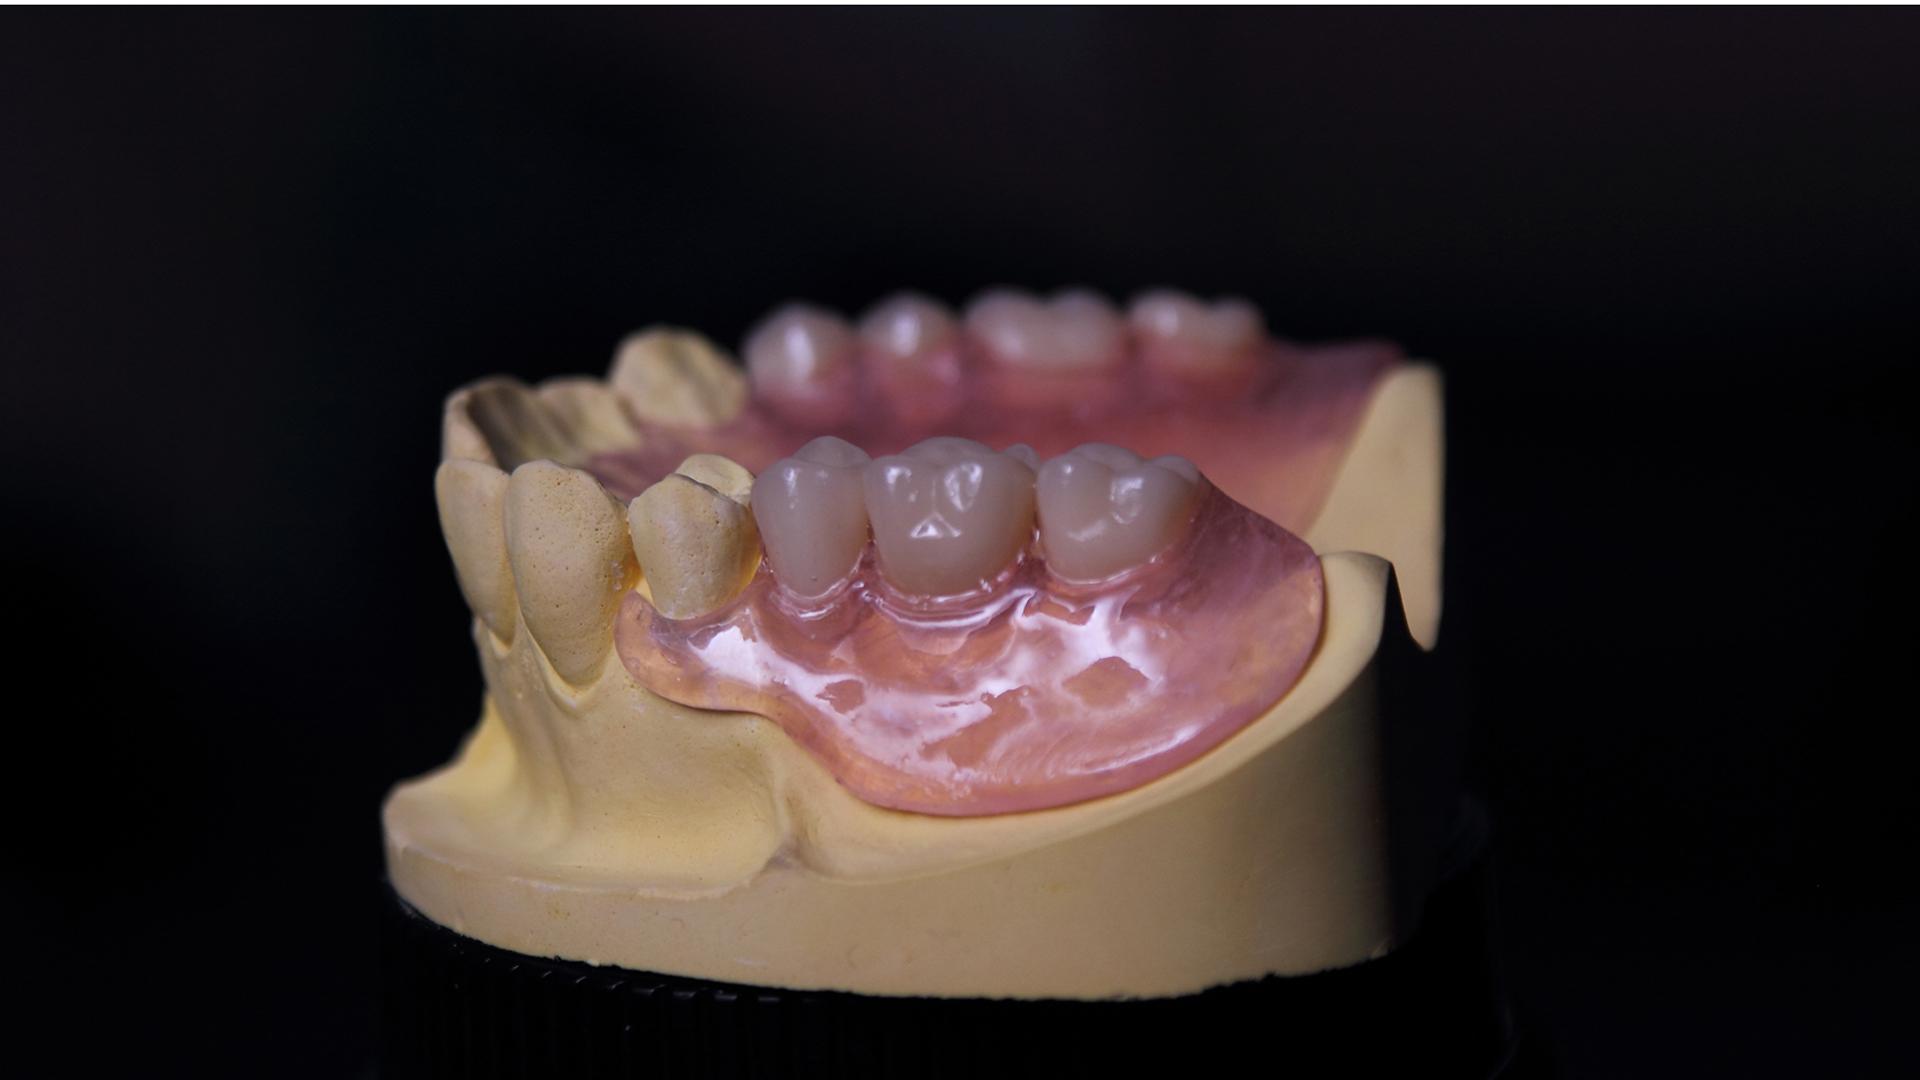 Еластични протези Термосенс еластична зъбна протеза вертекс термосенс vertex thermosens